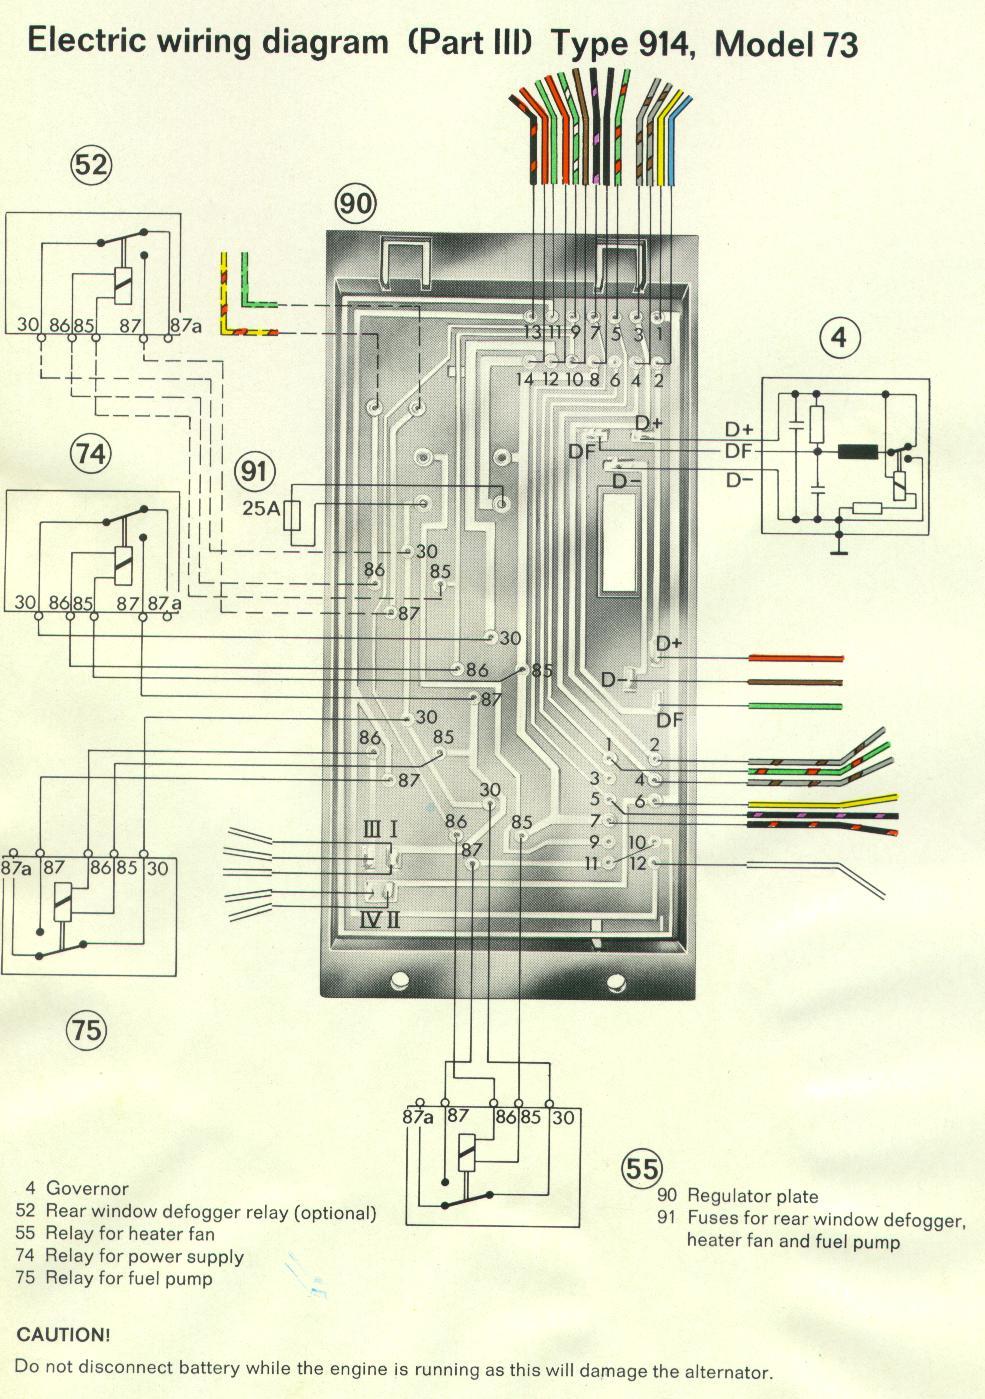 porsche 914 wiring diagram 2000 chevy 1500 radio 914world.com - the largest online community!